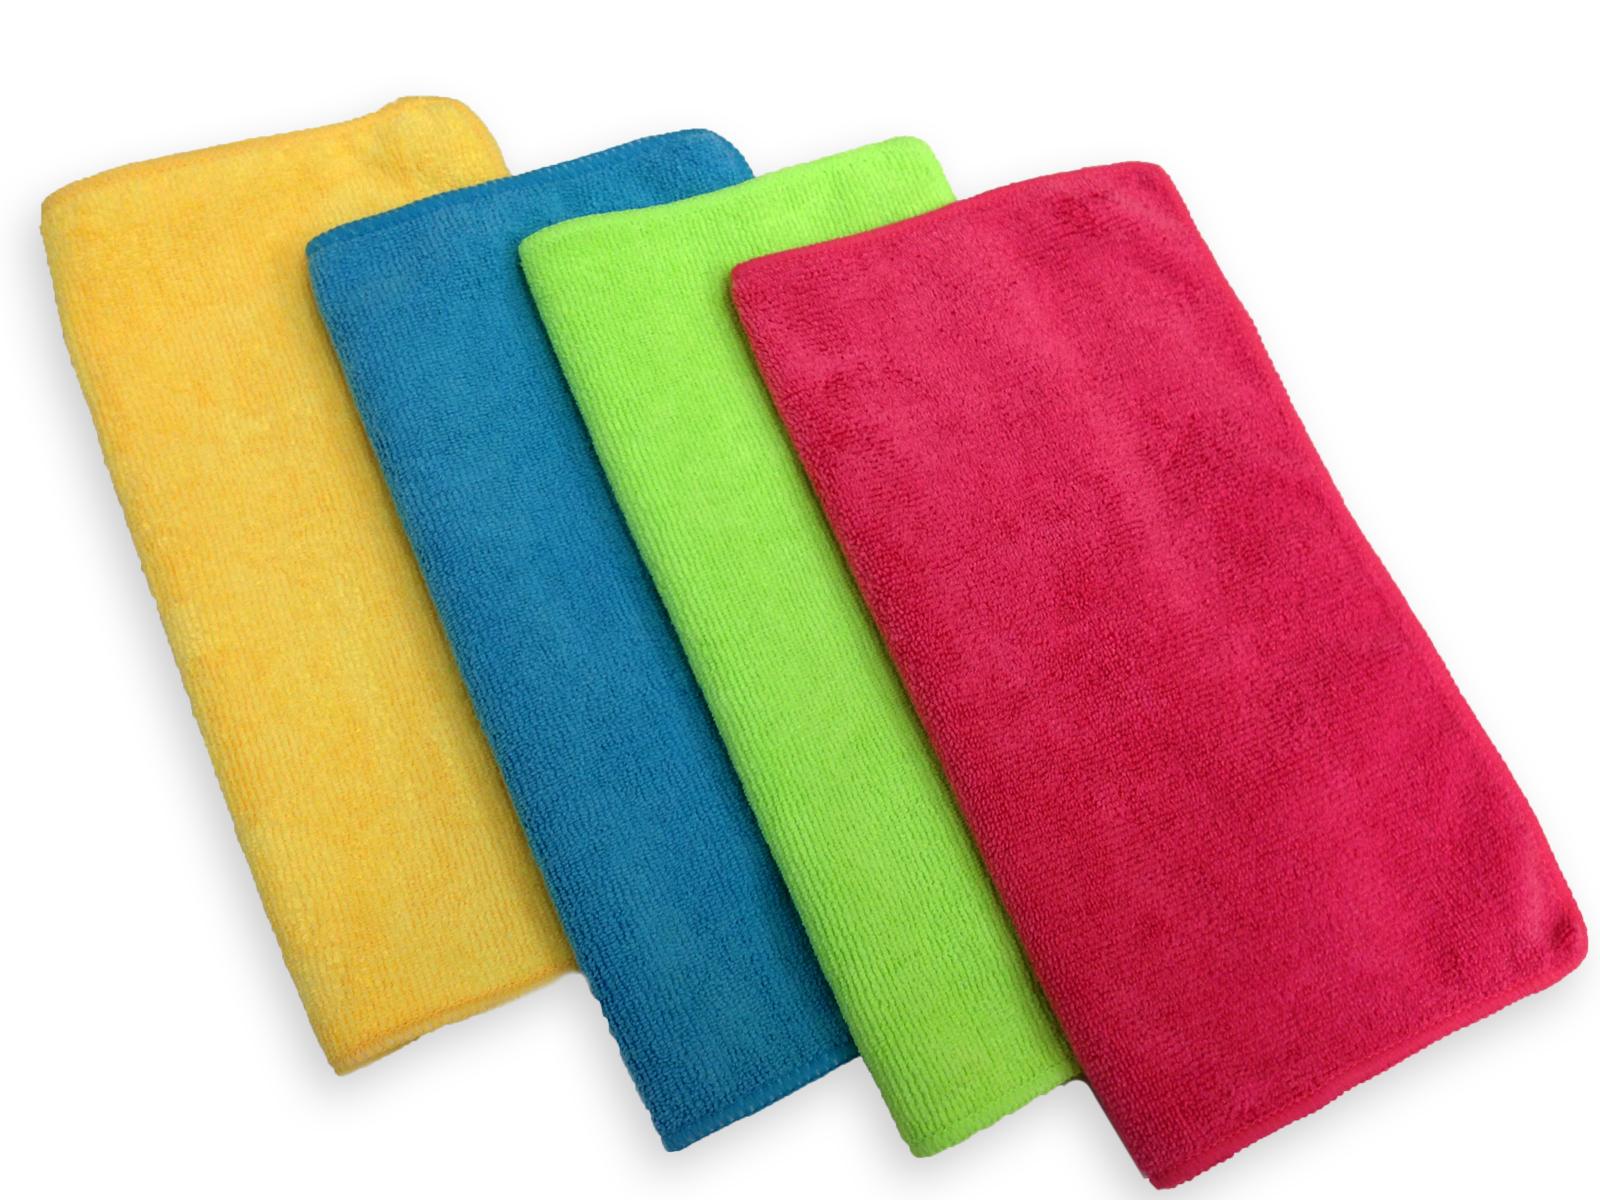 Vải chất liệu microfiber là chất liệu tốt để lau cốc thuỷ tinh